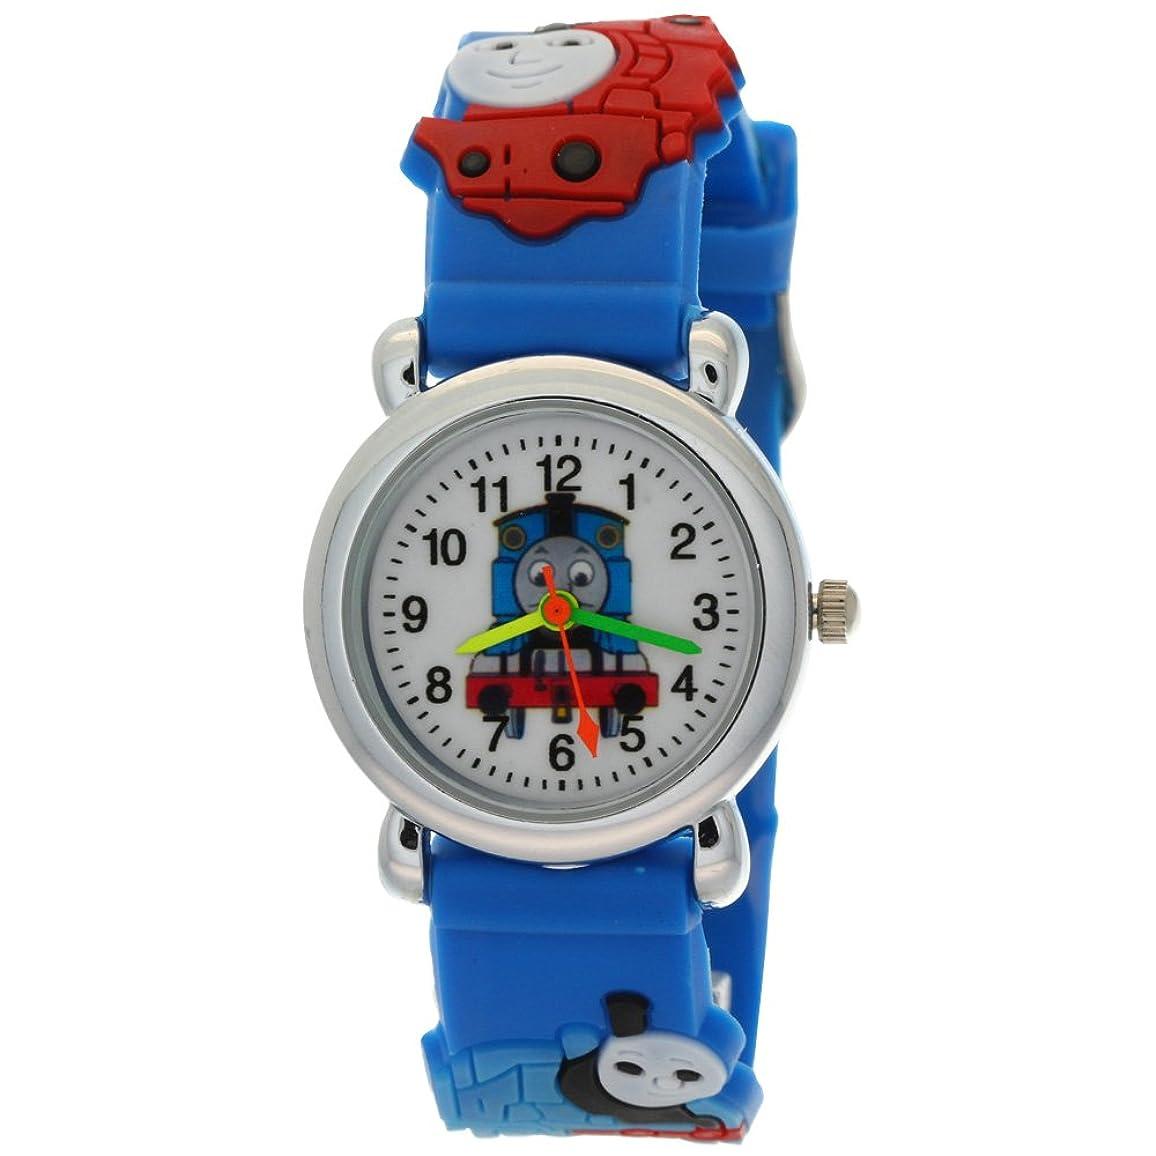 そう民兵局TimerMallトーマスタンクエンジンFriends子供ステンレススチールBackアナログクオーツ腕時計 Blue_A